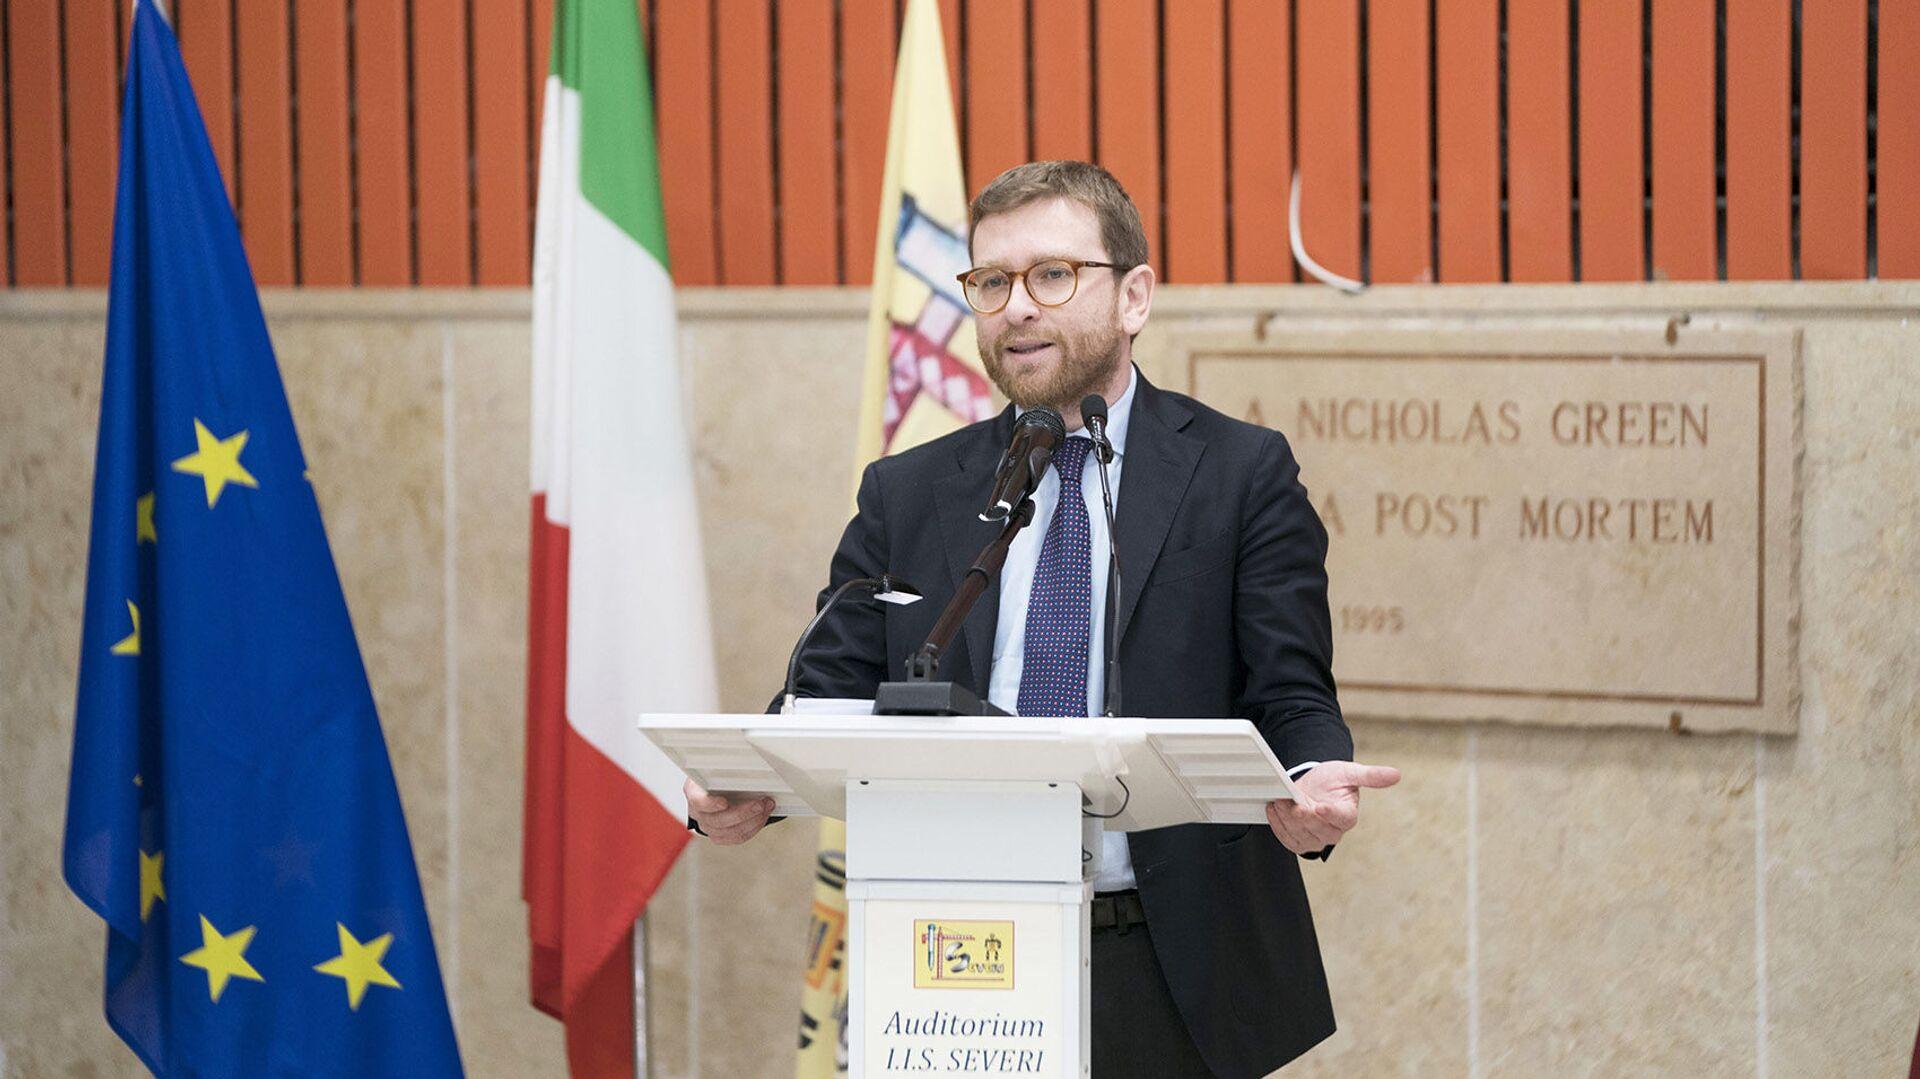 Il Ministro Giuseppe Provenzano presenta il Piano per il Sud presso l'Auditorium dell'Istituto d'Istruzione Superiore 'F. Severi'. - Sputnik Italia, 1920, 01.06.2021